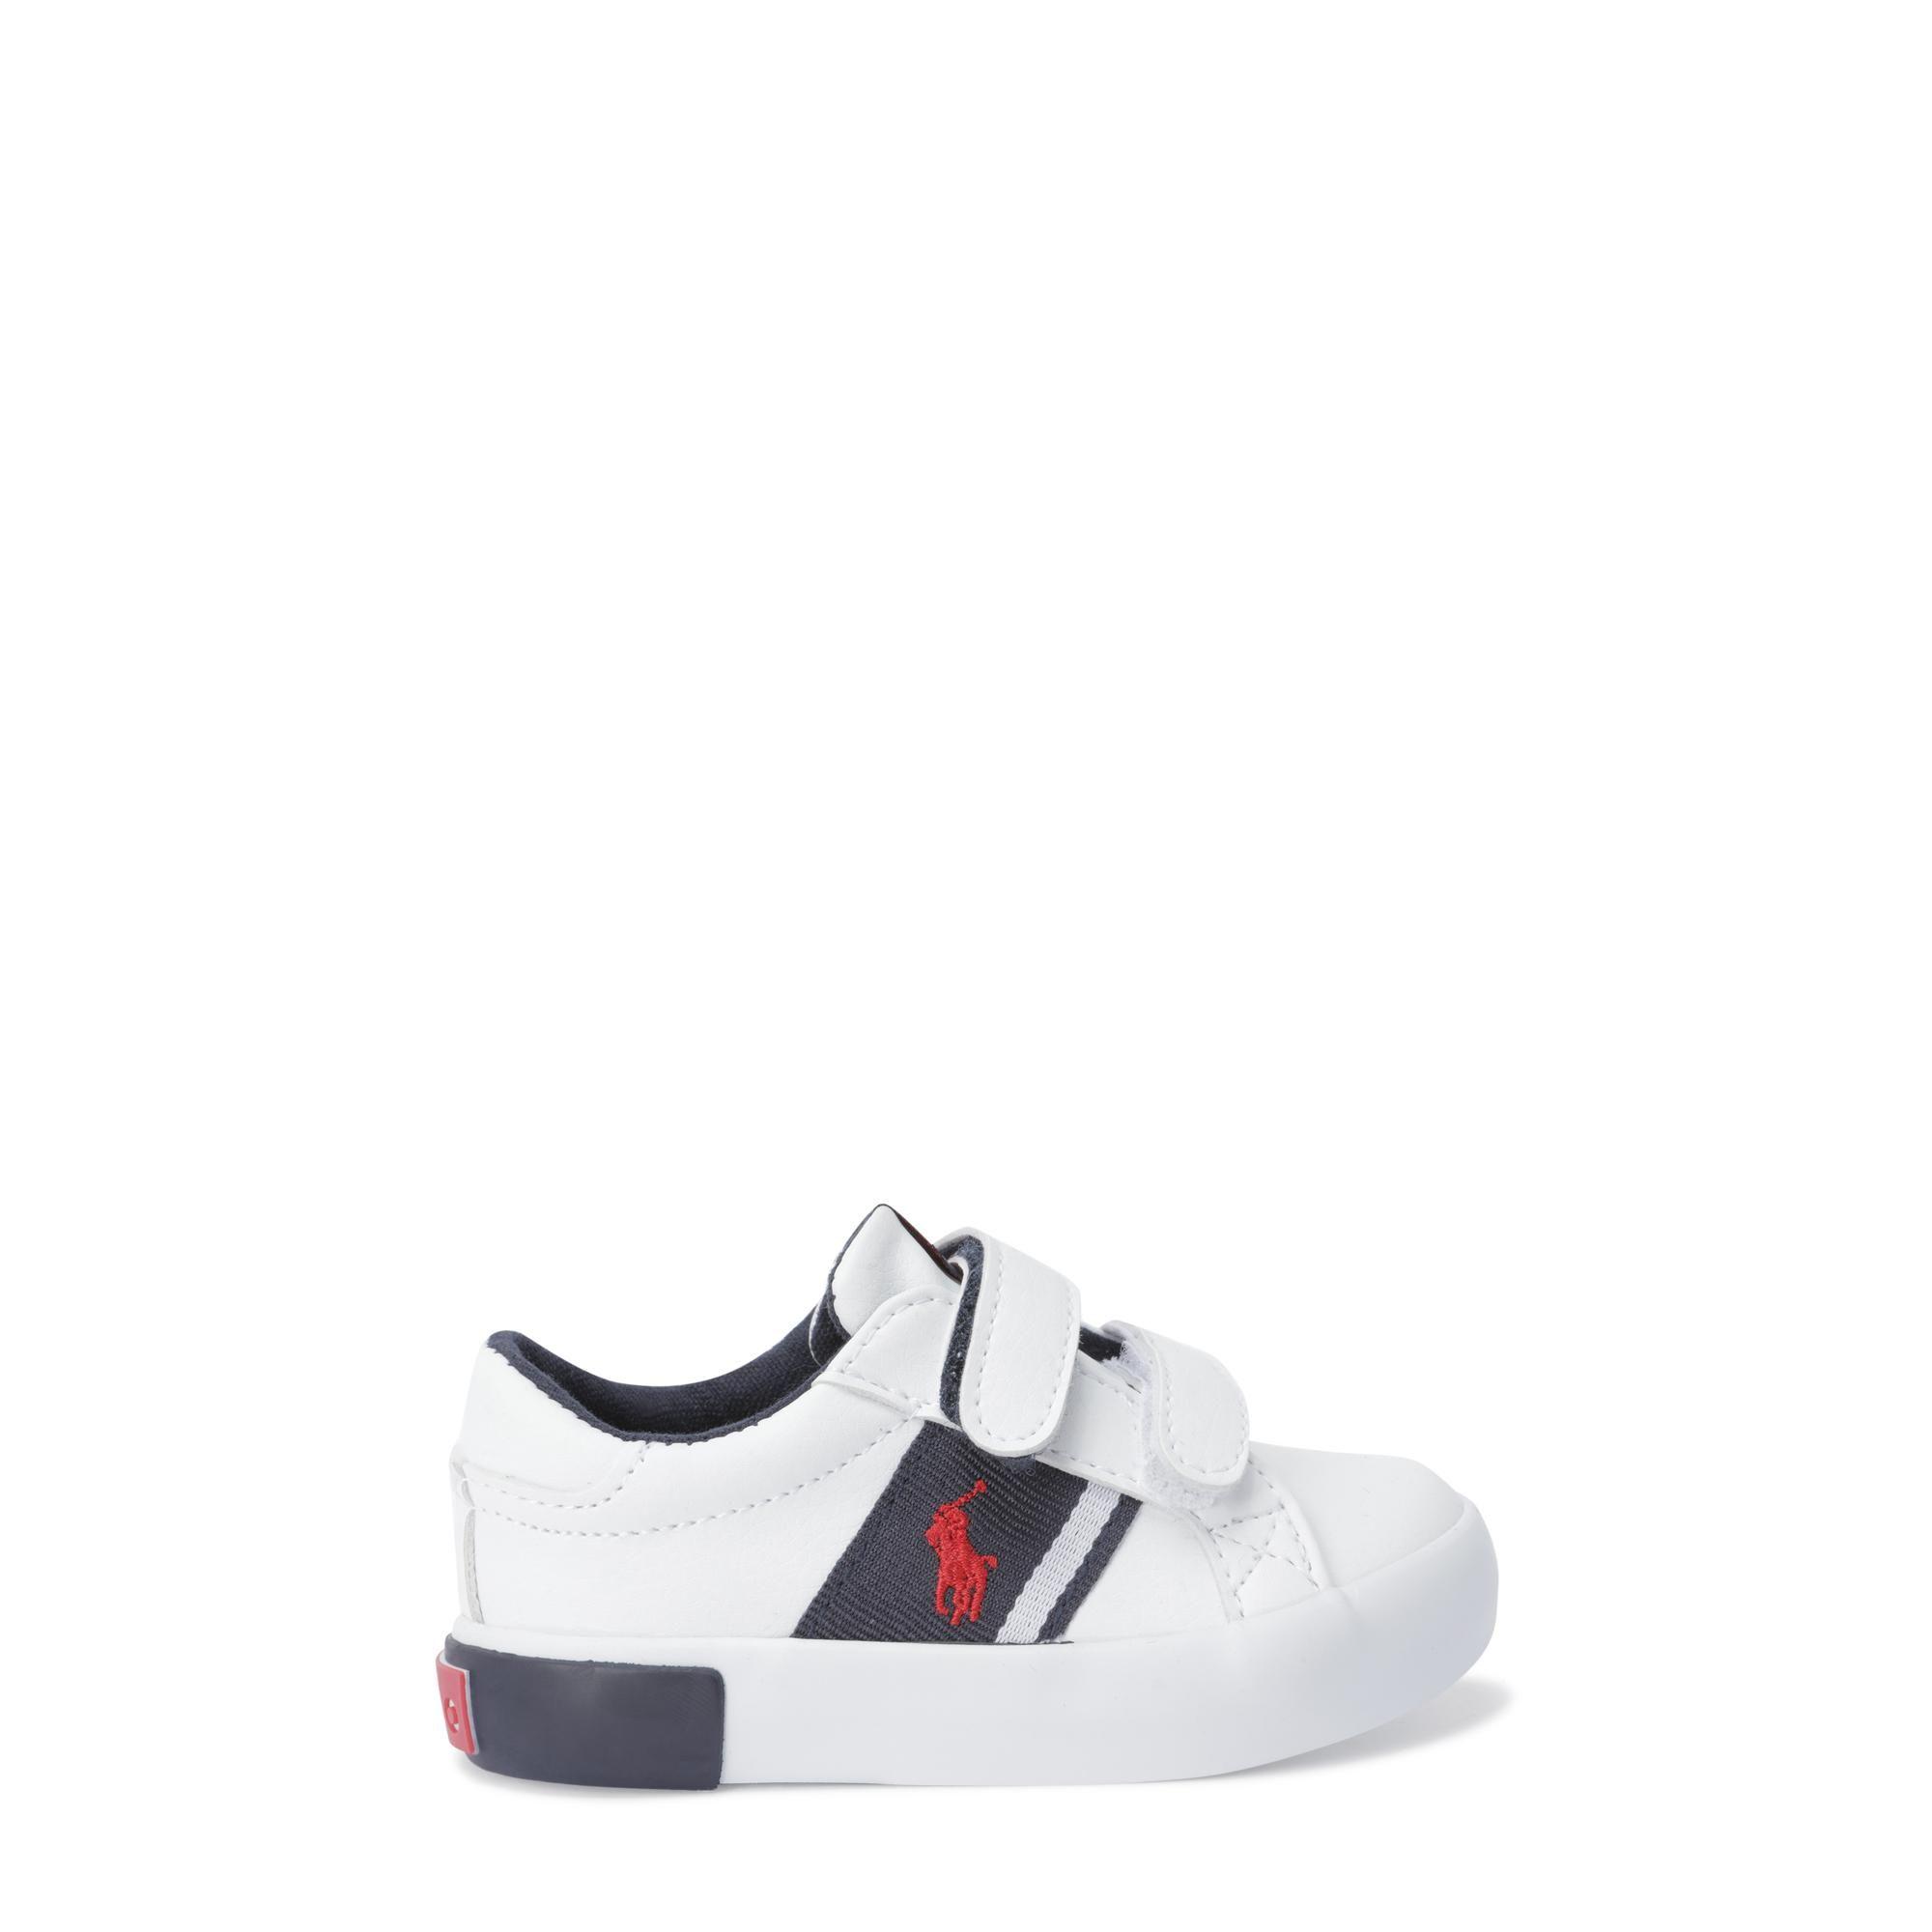 Gregot EZ sneakers